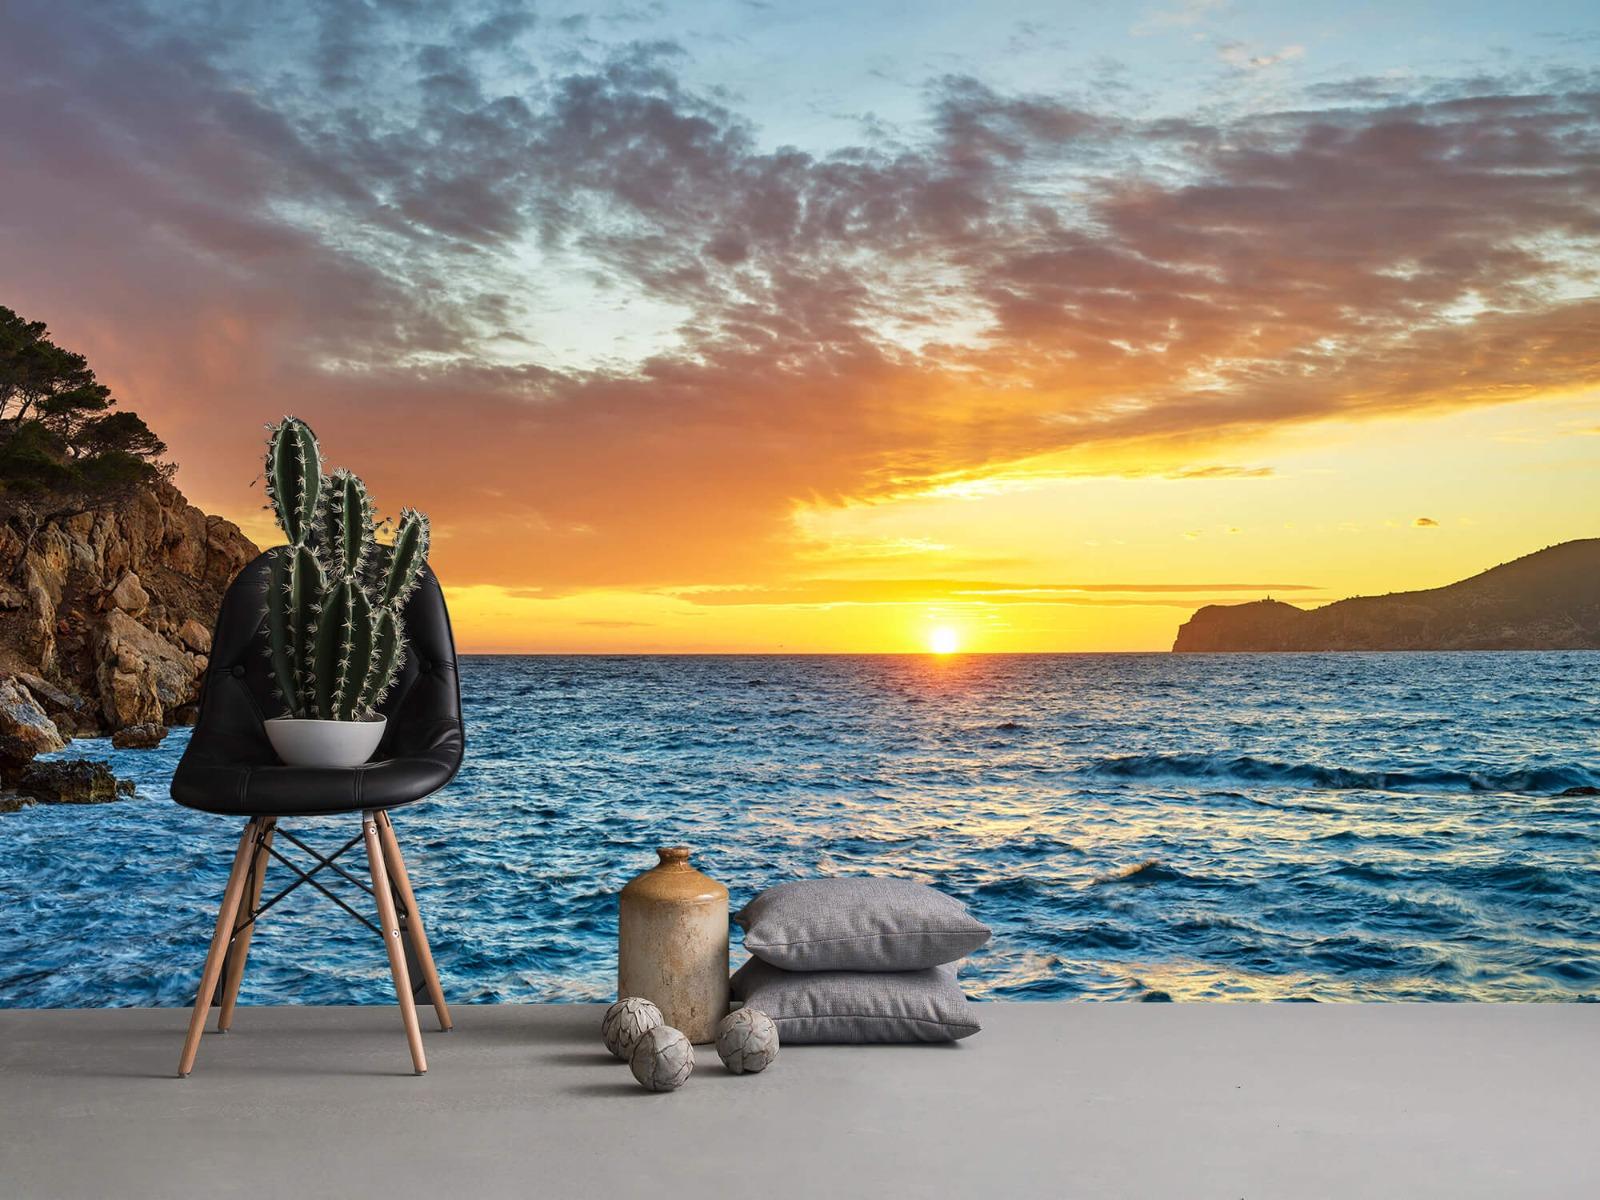 Zon - Zonsondergang op een eiland - Slaapkamer 13